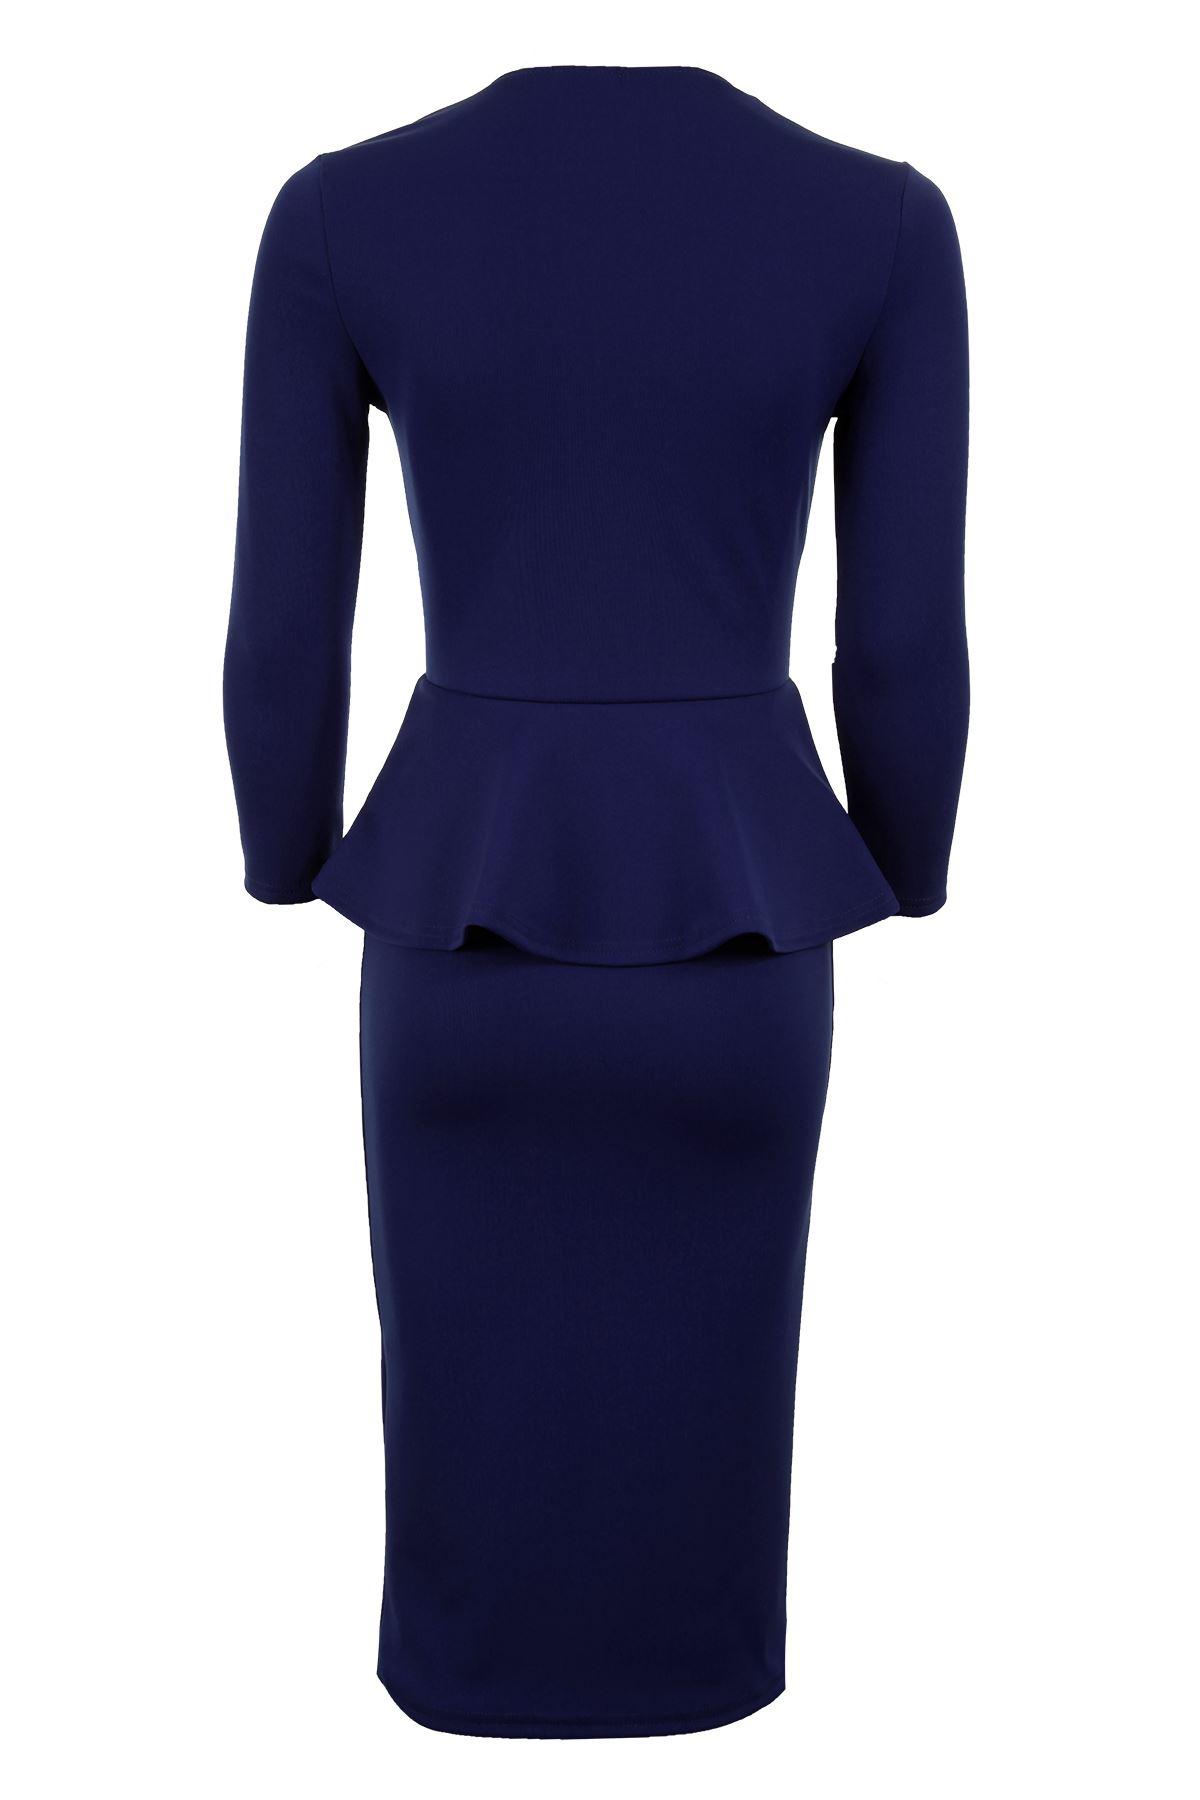 Women's V Neck 3/4 Sleeve Peplum Skirt Midi Knee Length Ladies Dress 8-24